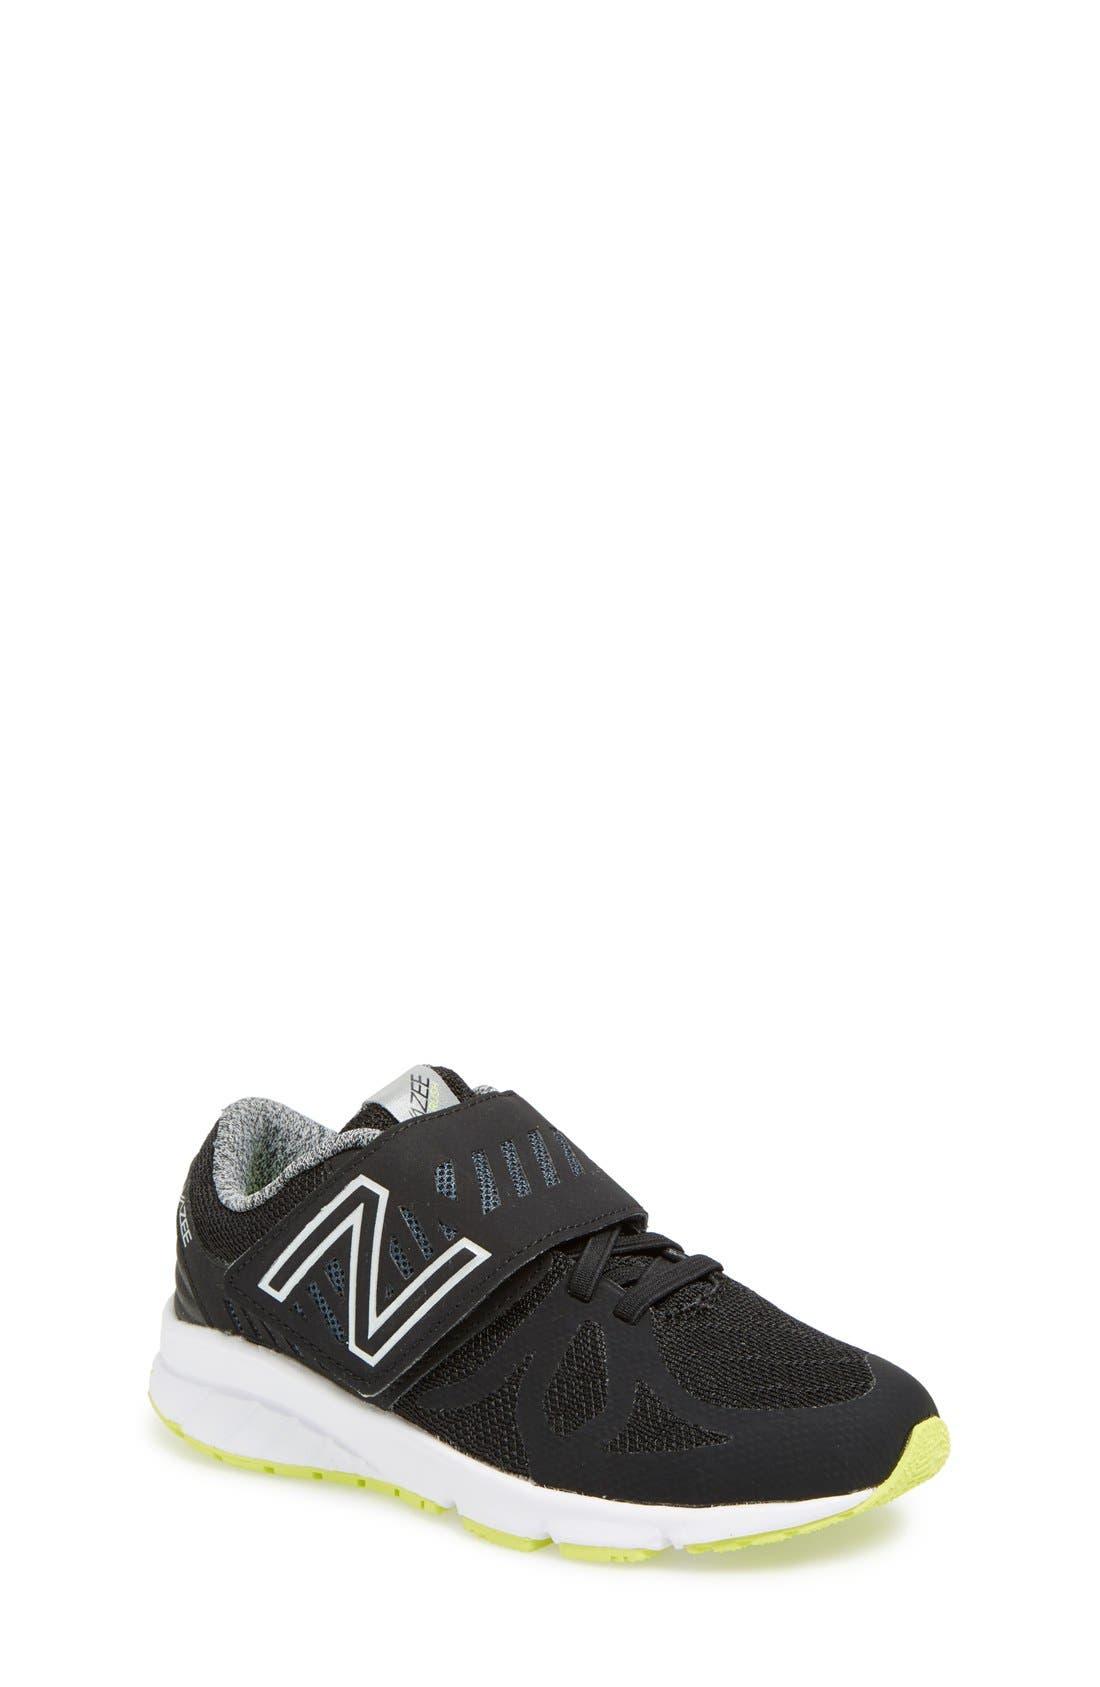 NEW BALANCE Vazee Rush 200 Athletic Shoe